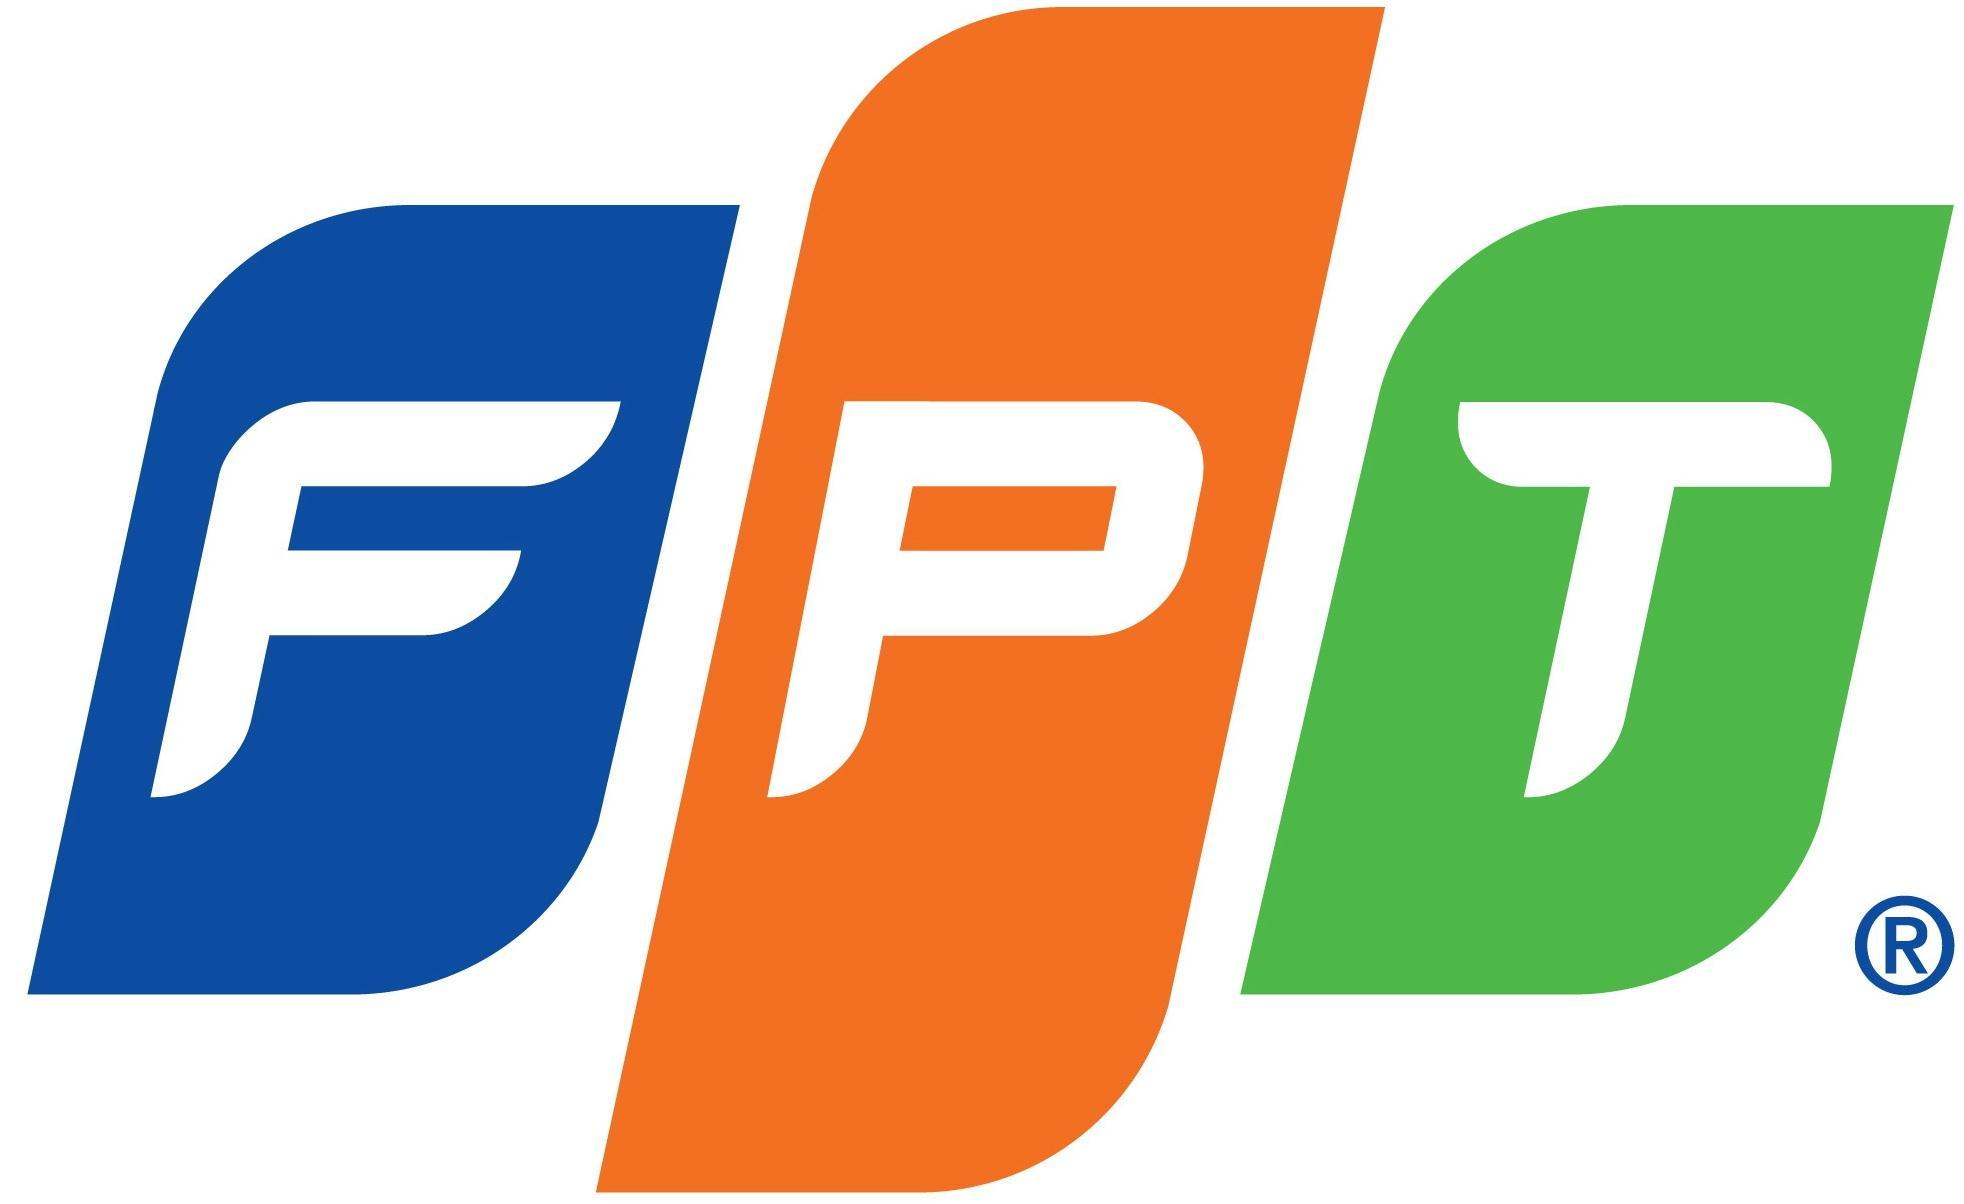 Khối ngoại thỏa thuận gần 23 triệu cp FPT với giá trị hơn 1,100 tỷ đồng